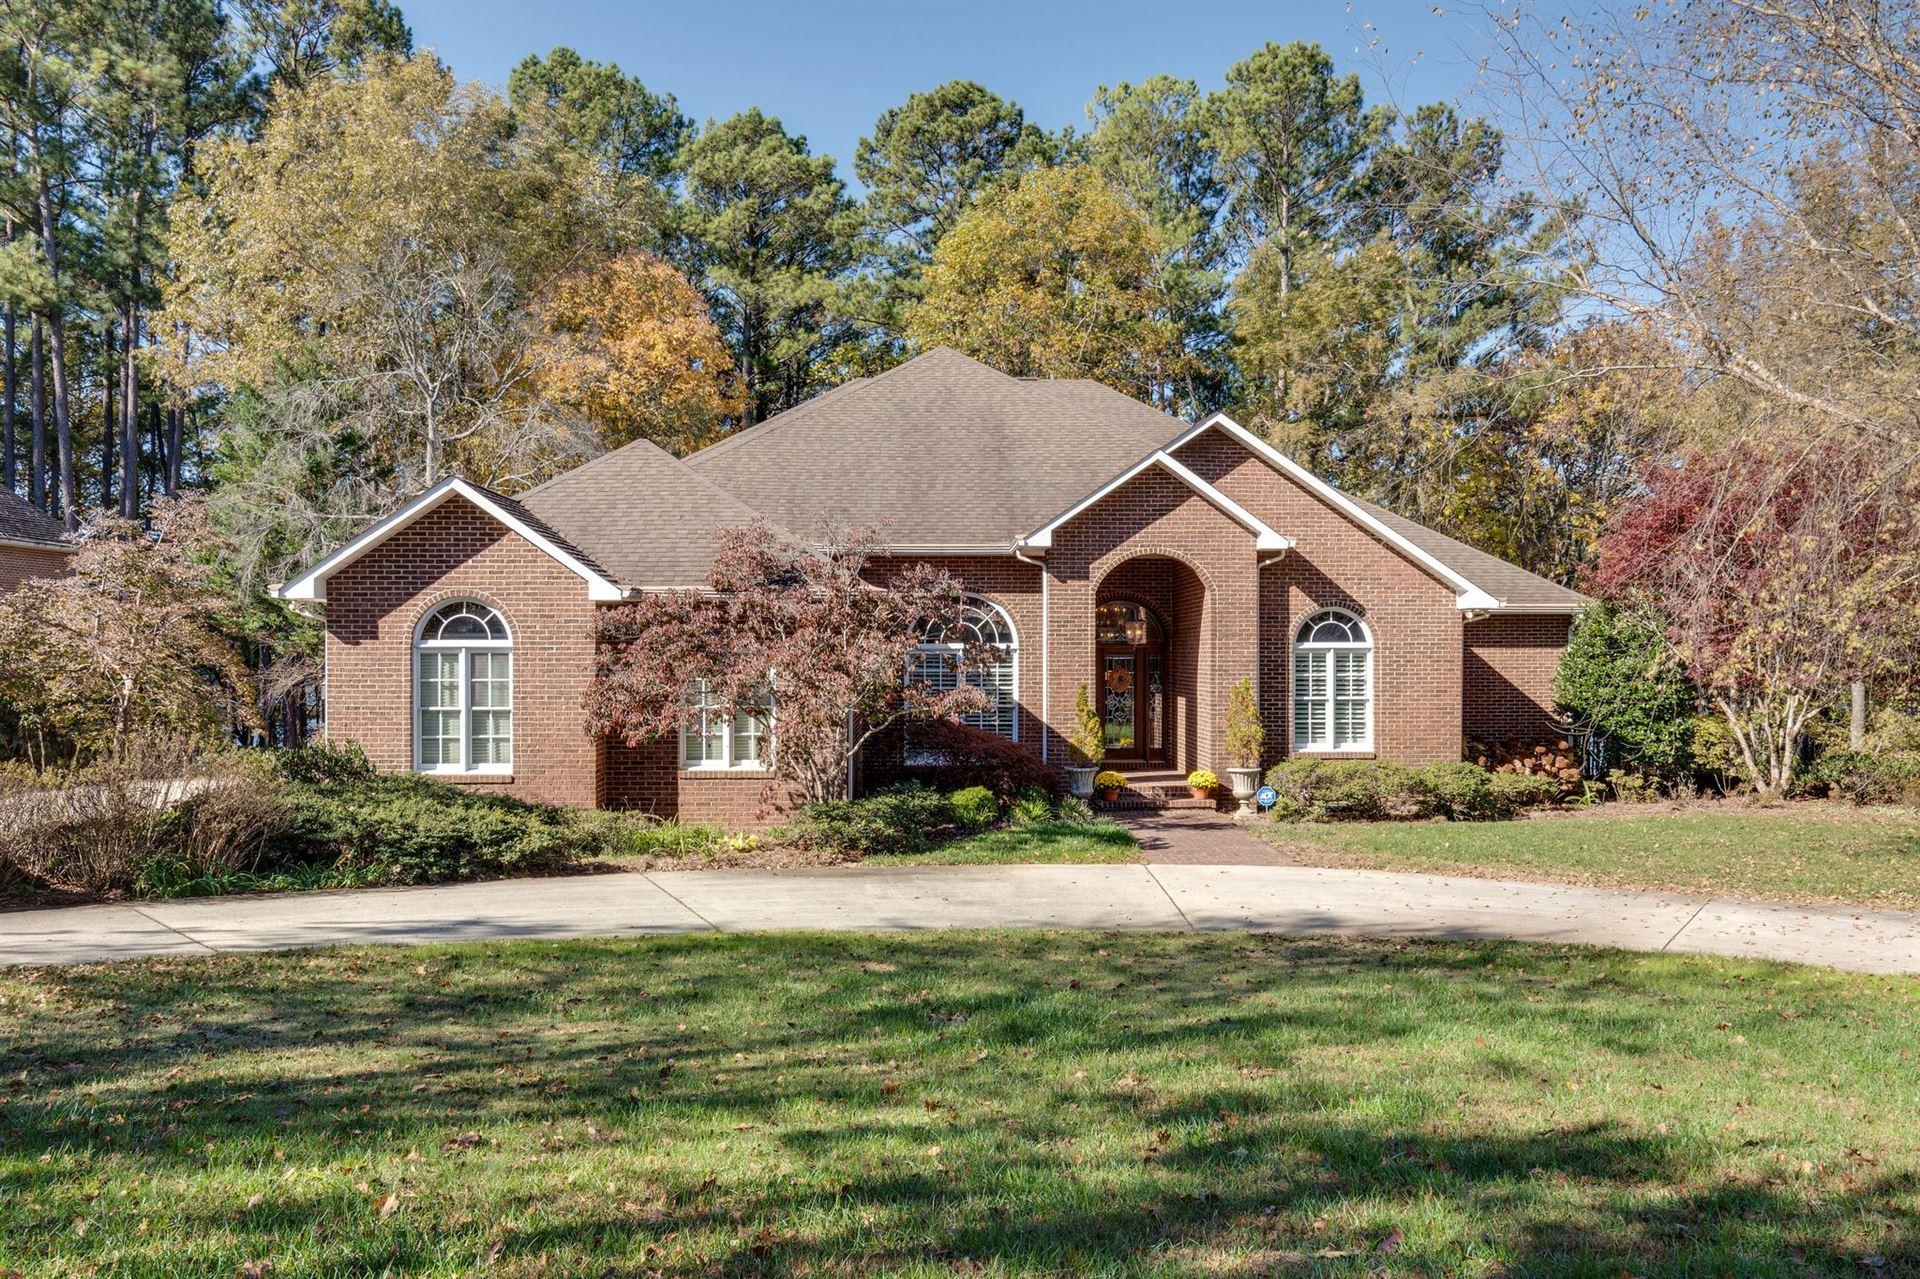 64 Wilder Ln, Winchester, TN 37398 - MLS#: 2098878